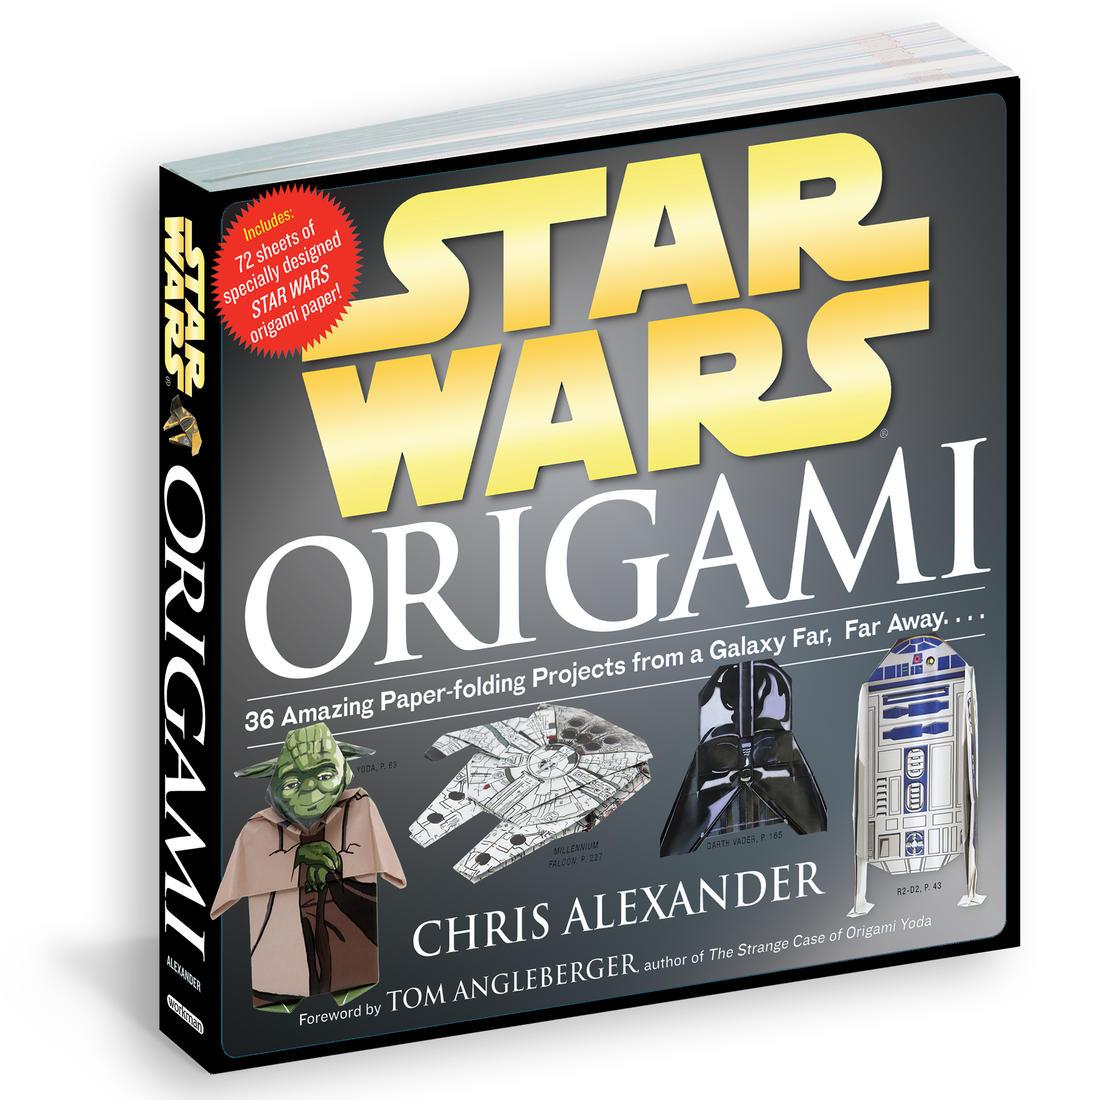 Star Wars origami hæfte - Bøger - Gadgethuset.dk - photo#36